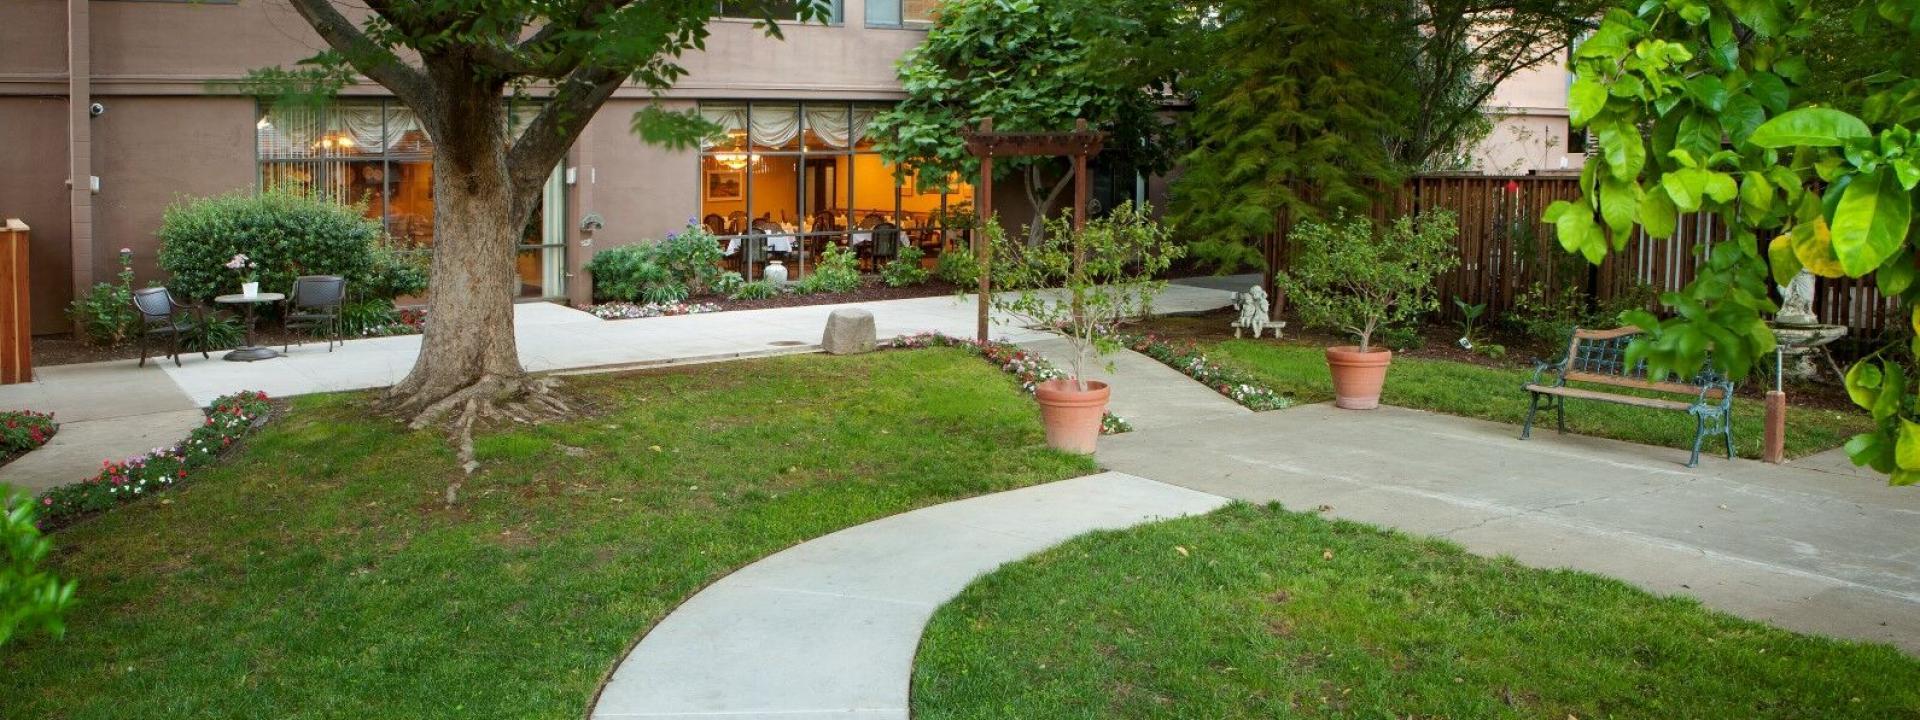 Eskaton Monroe Lodge back patio and garden area